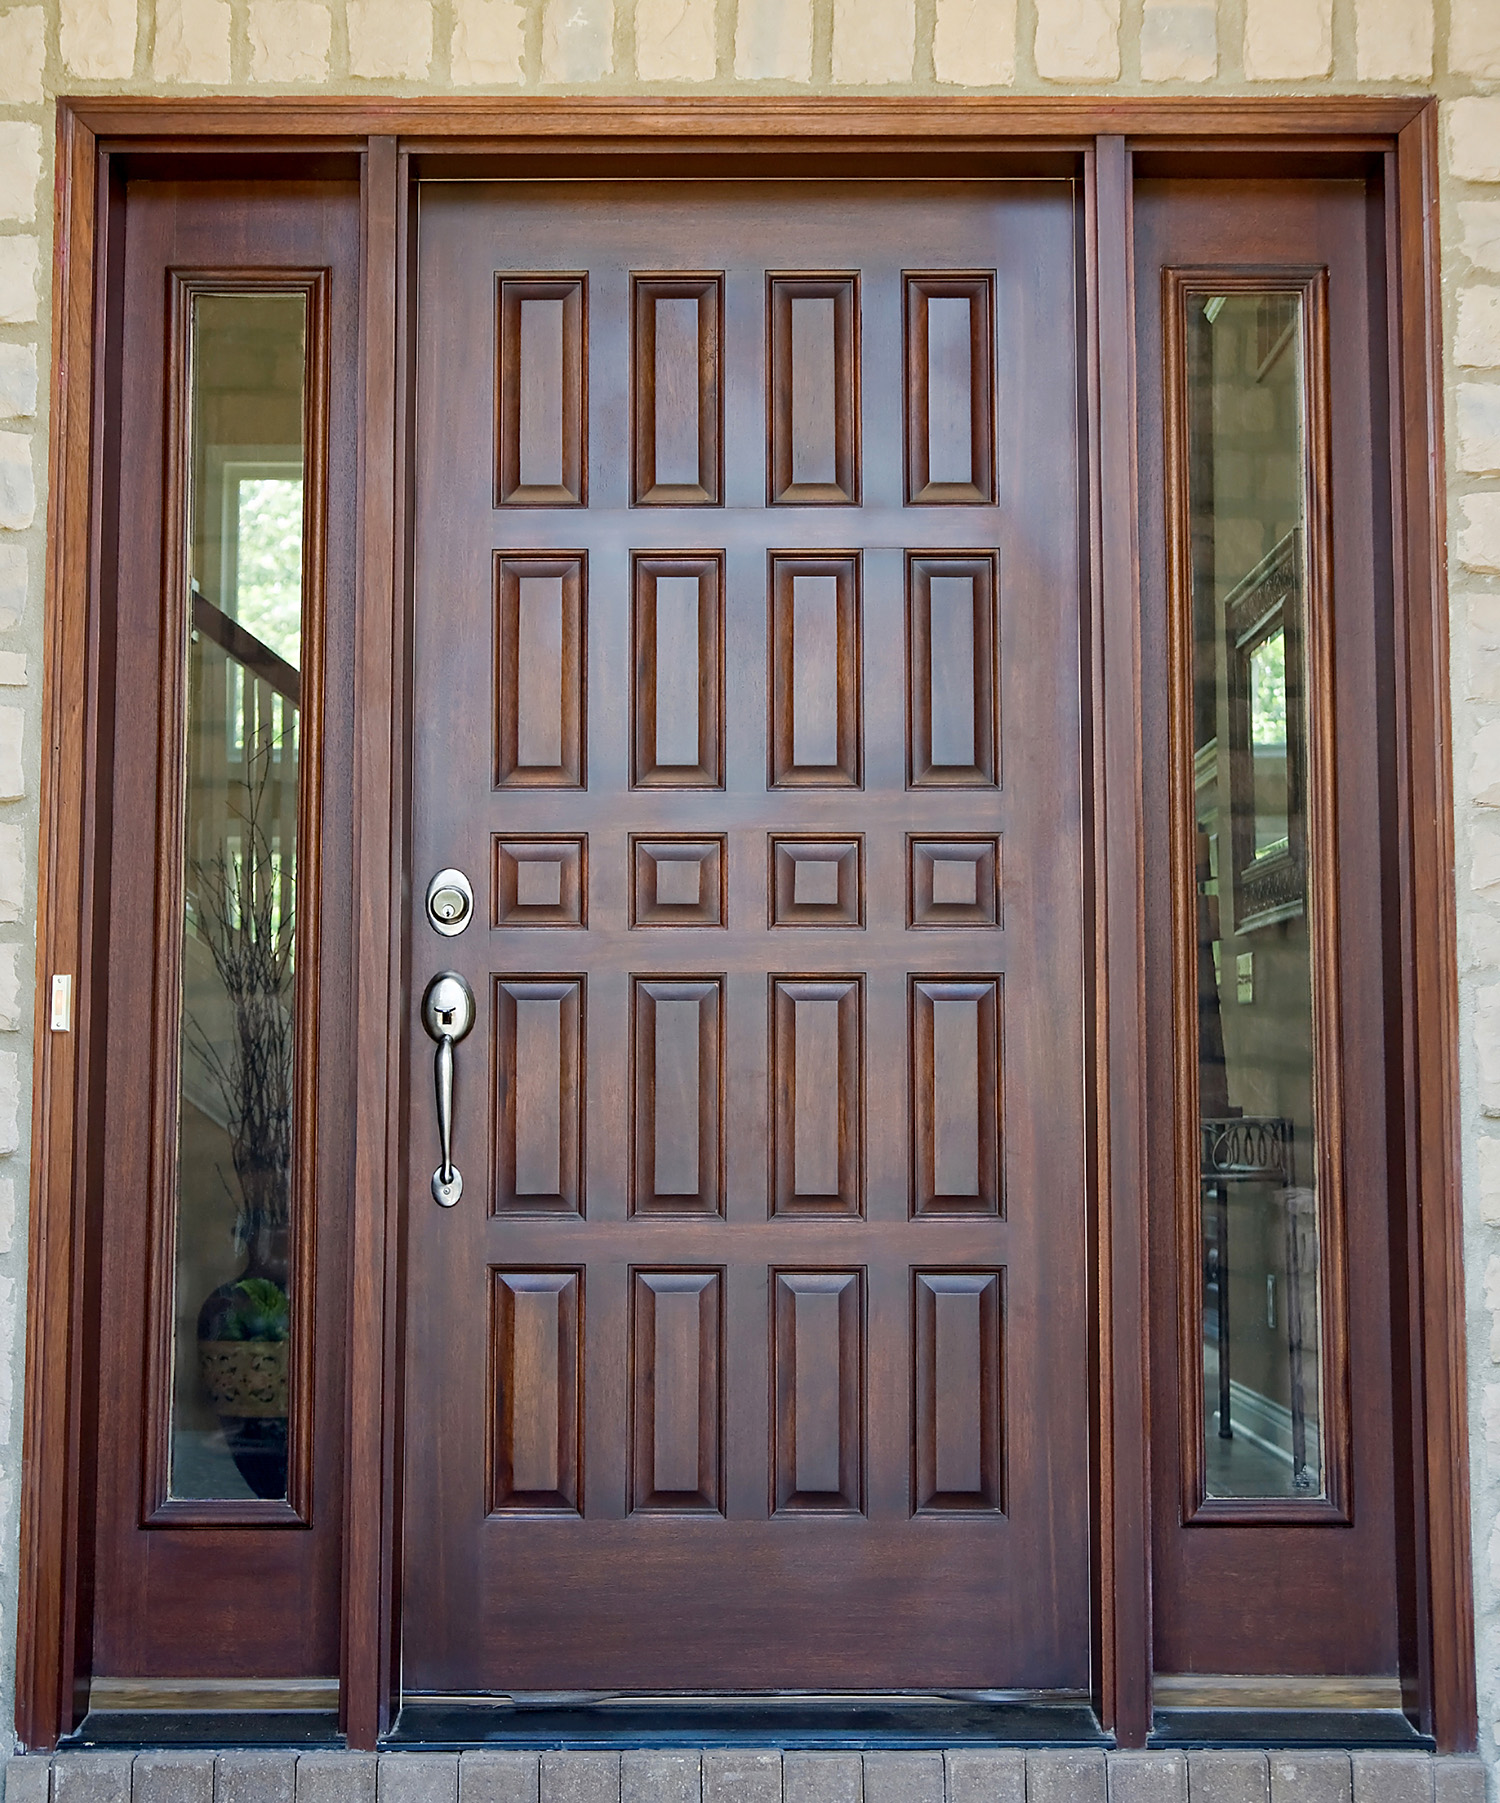 Wood grain door_beckway door.jpg